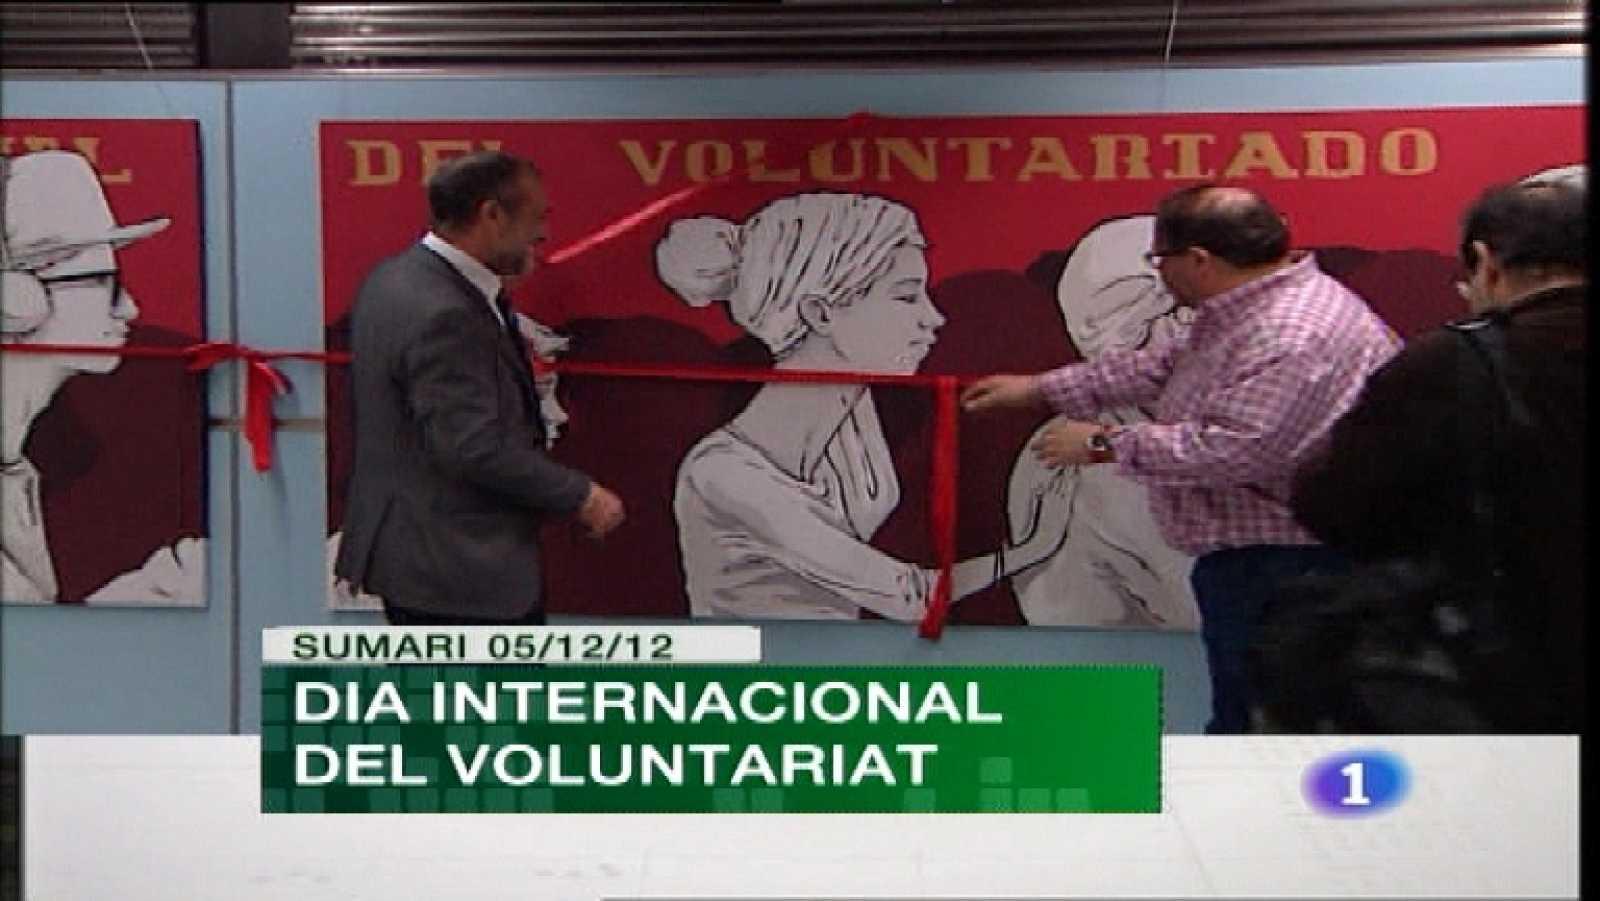 La Comunidad Valenciana en 2' - 05/12/11 - Ver ahora